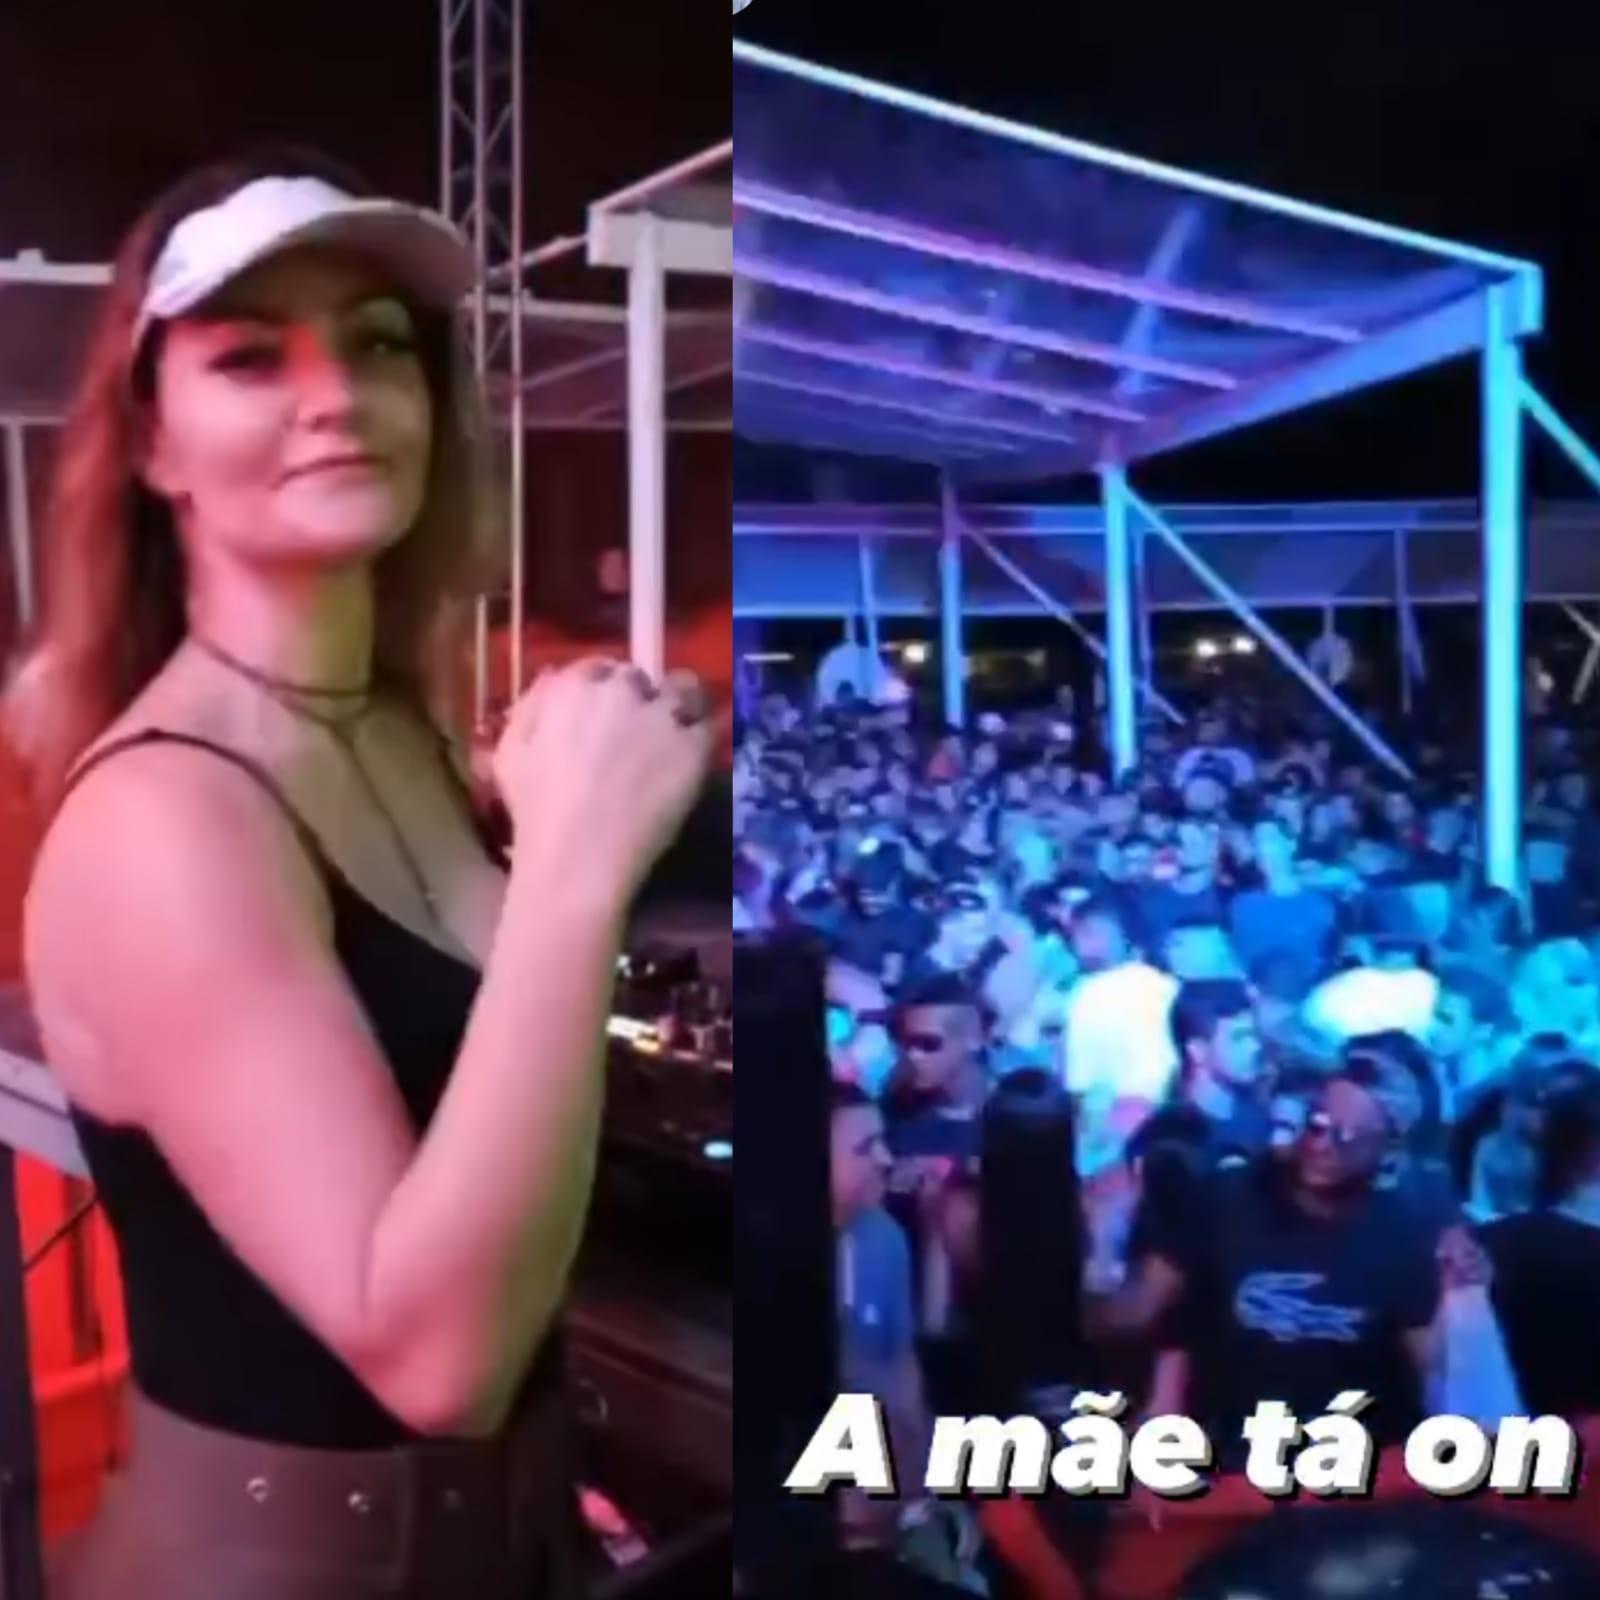 NOTÍCIAS DA BANCA: Novas fotos de Valentina na Playboy